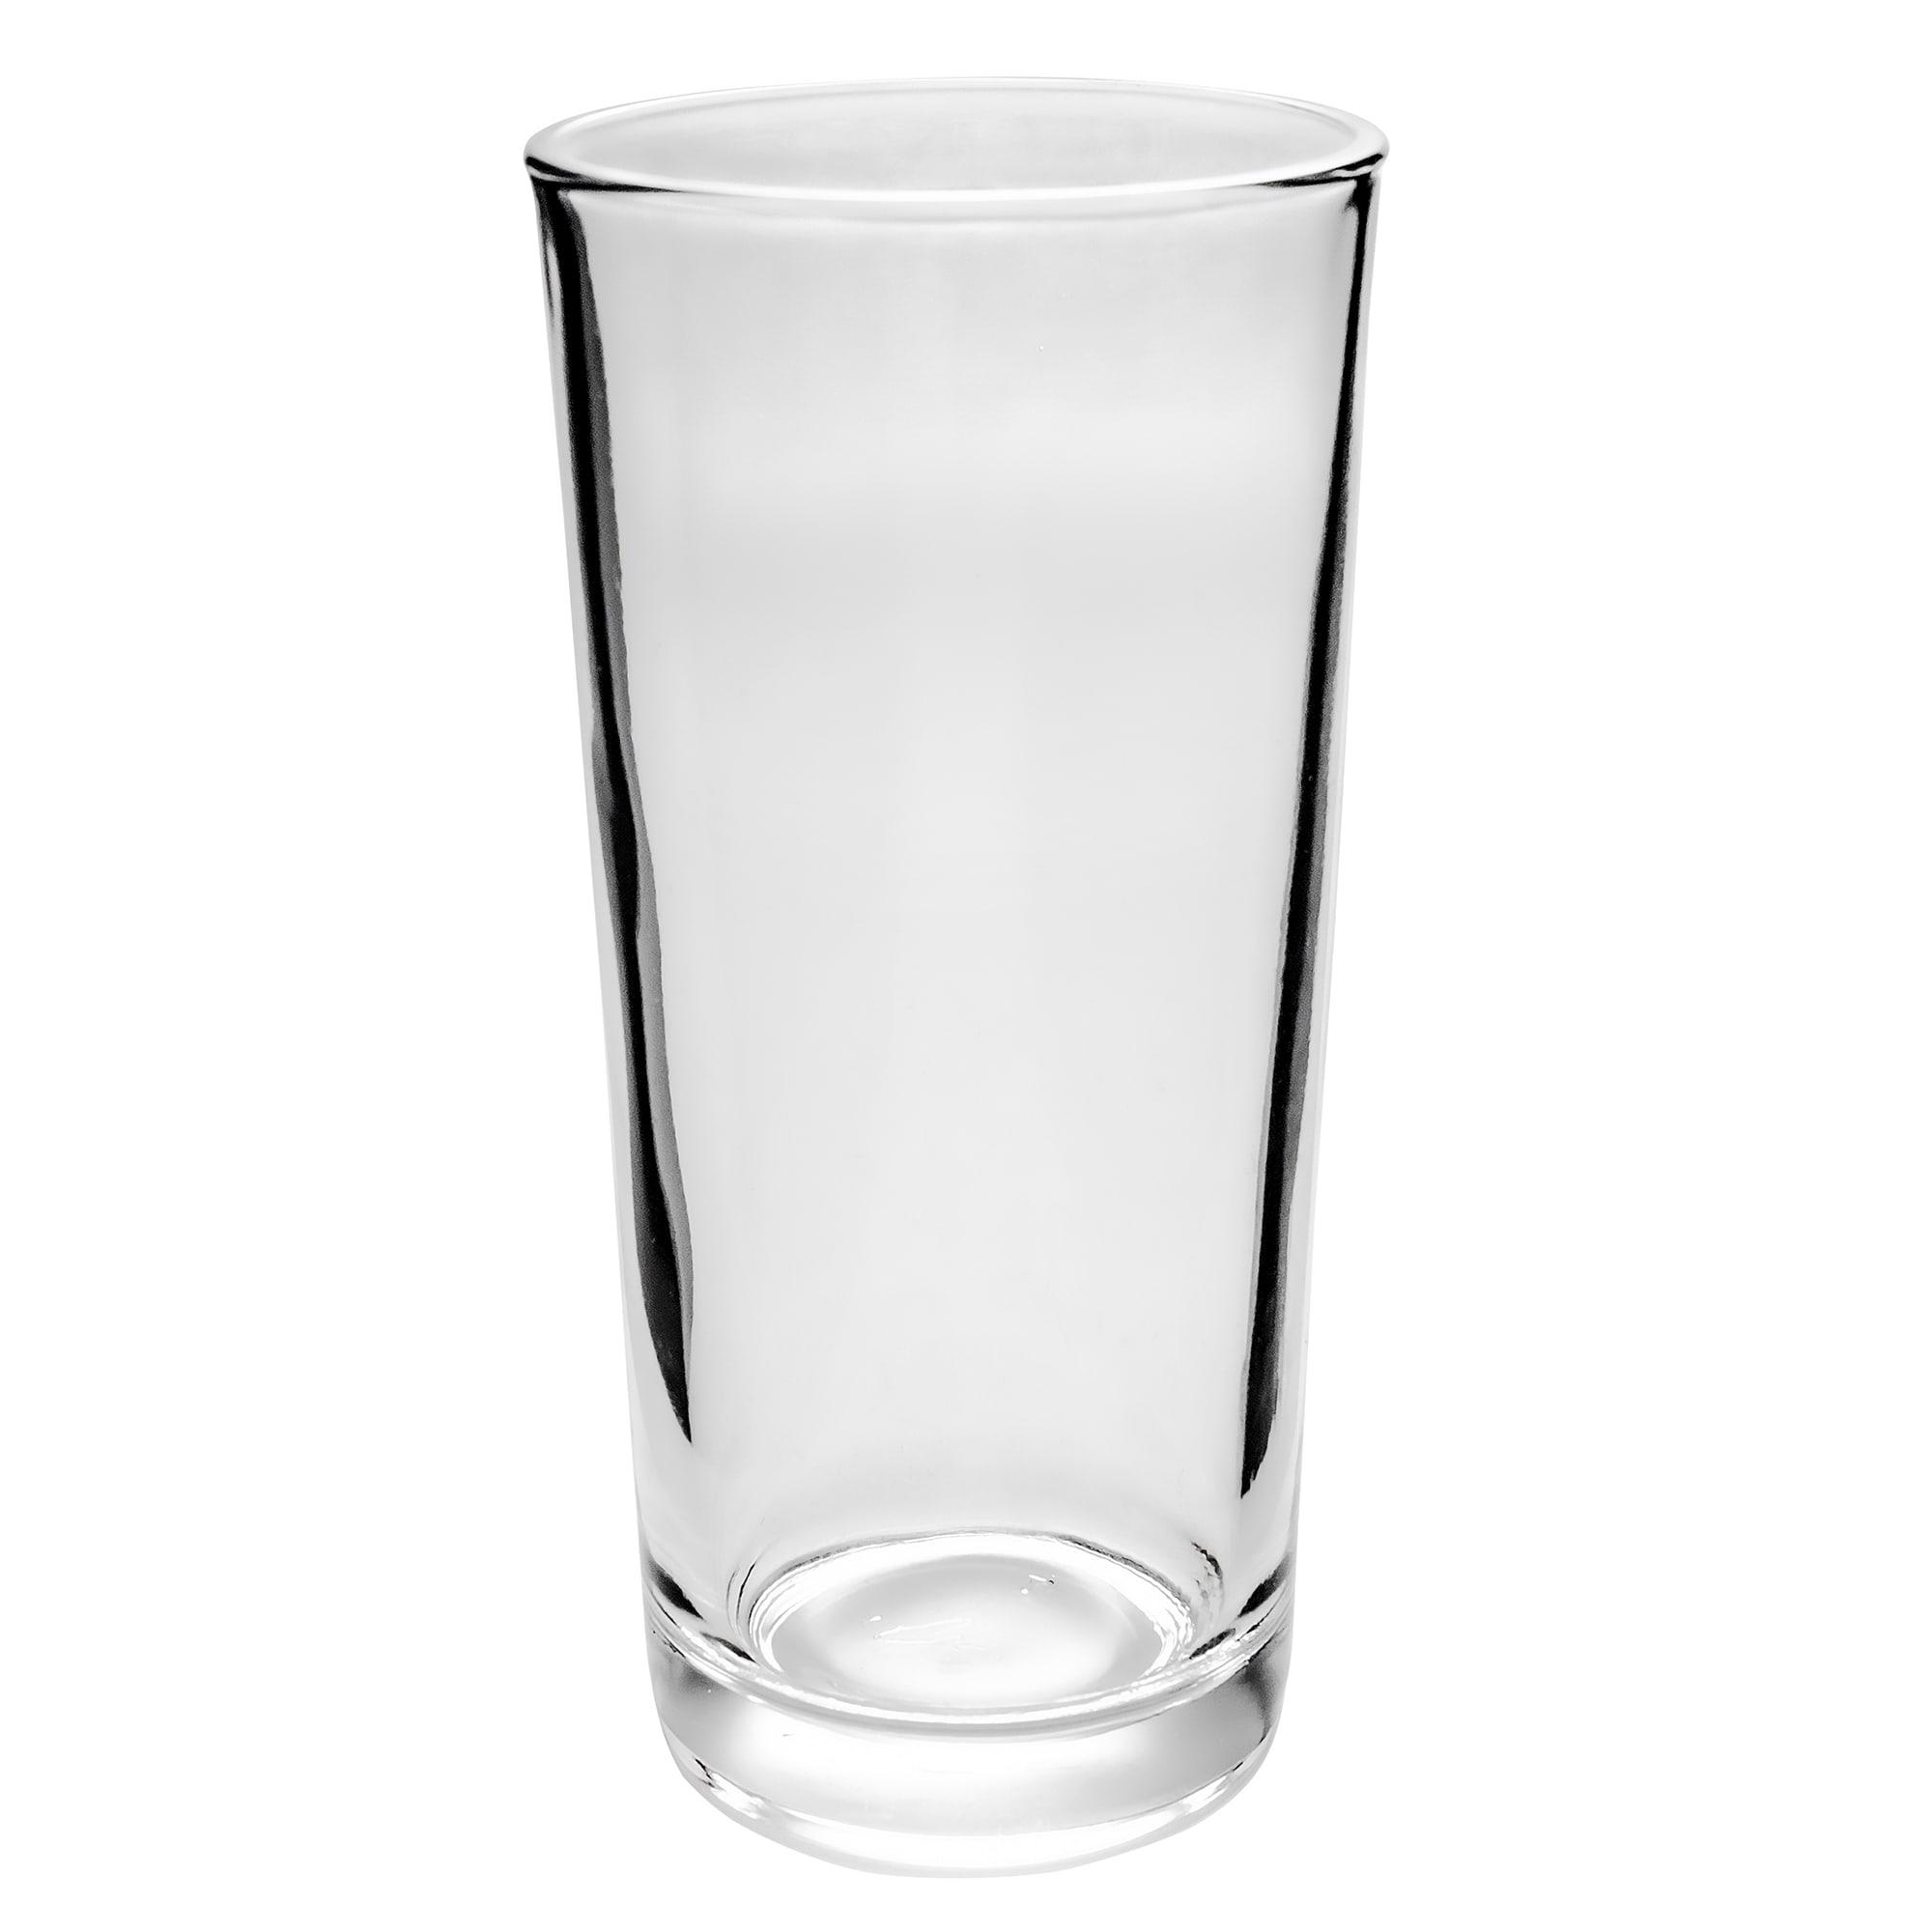 Libbey 1790845 12 oz Puebla Beverage Glass